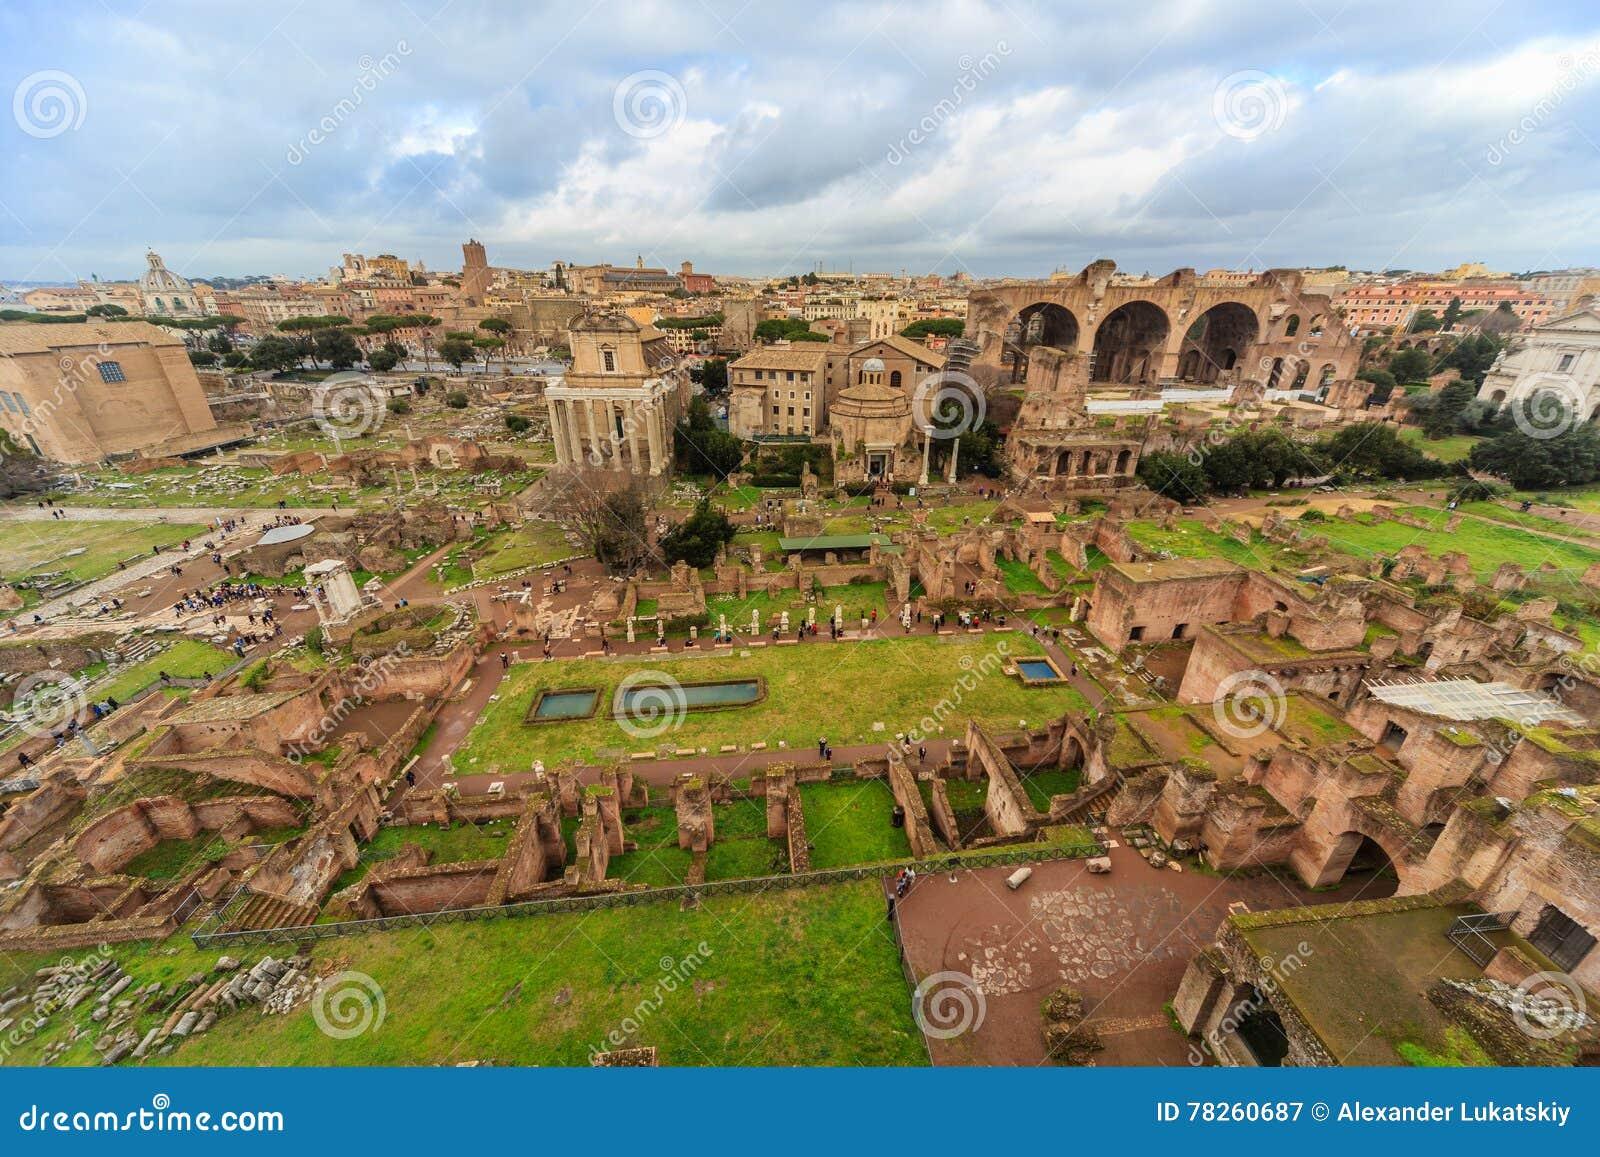 Красивые фото старого Рима